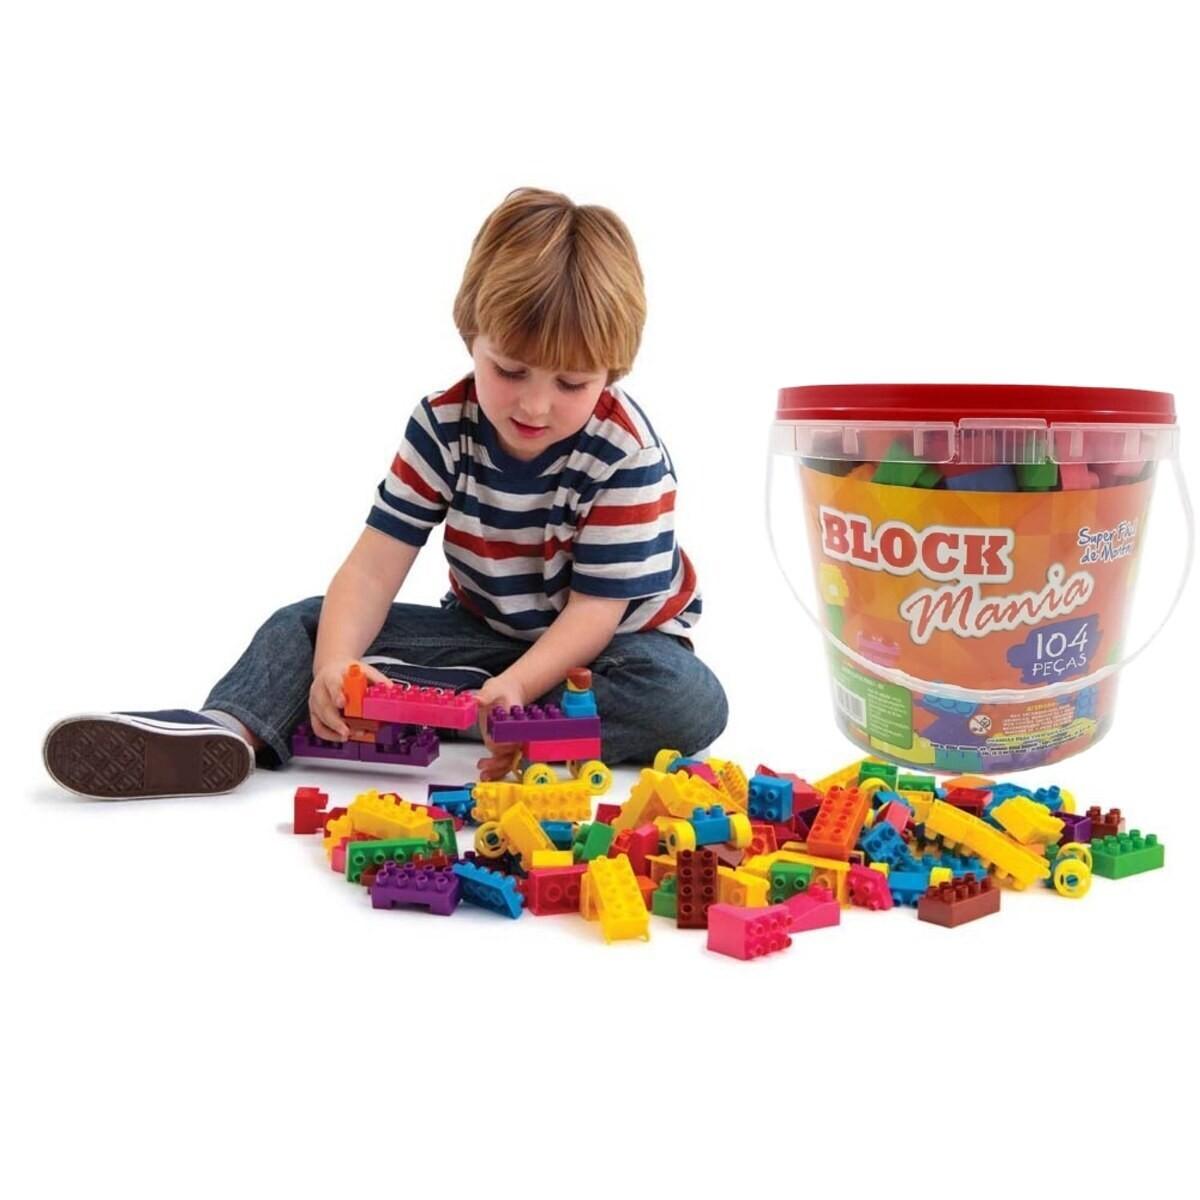 Blocos De Montar Infantil Brinquedo Educativo Peças 104 Peças  - Rea Comércio - Sua Loja Completa!